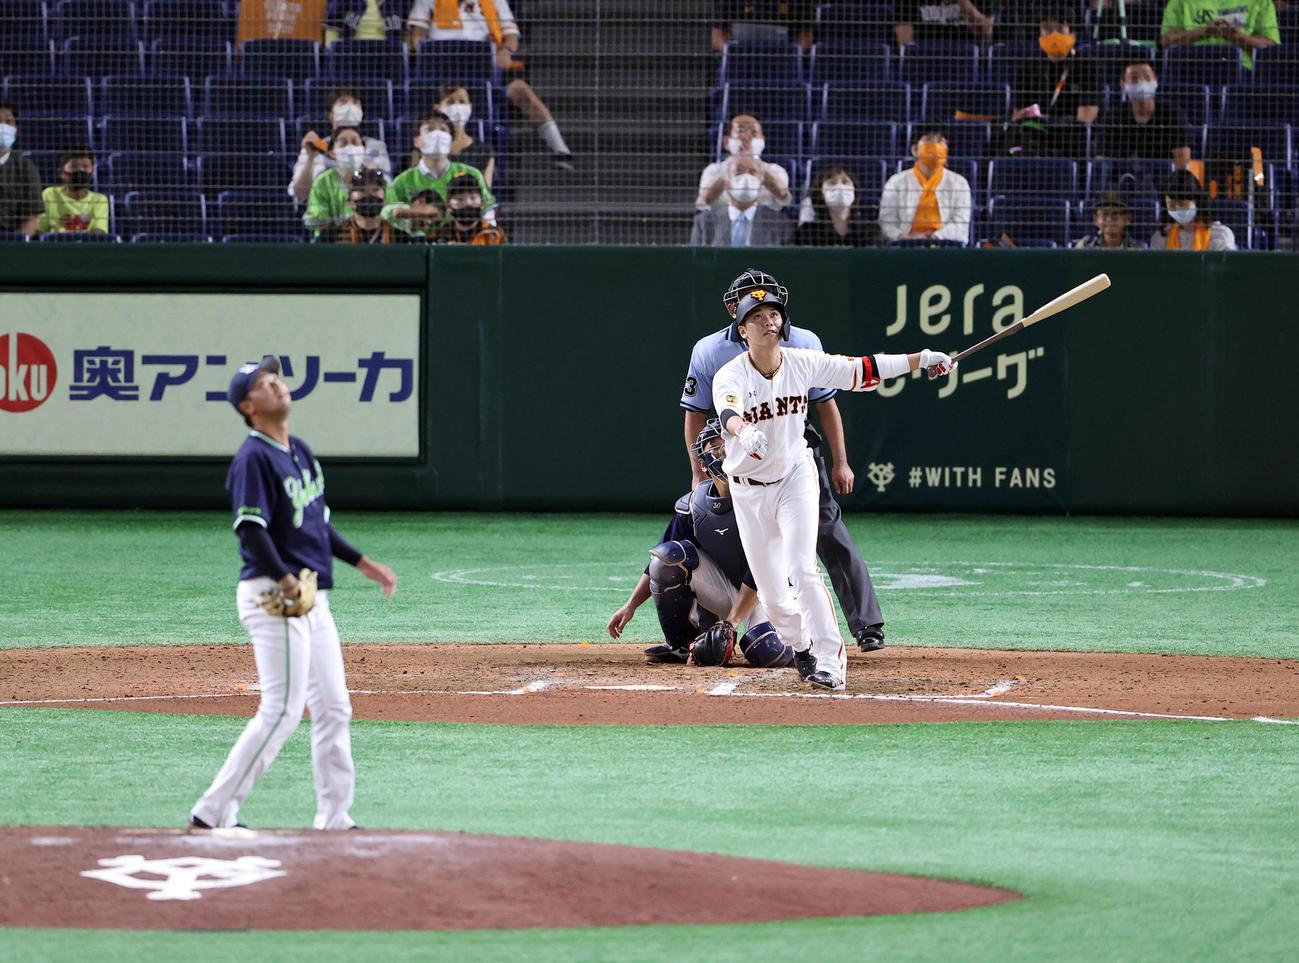 巨人坂本に左越えソロ本塁打を浴びるヤクルト中尾輝(2020年8月12日撮影)